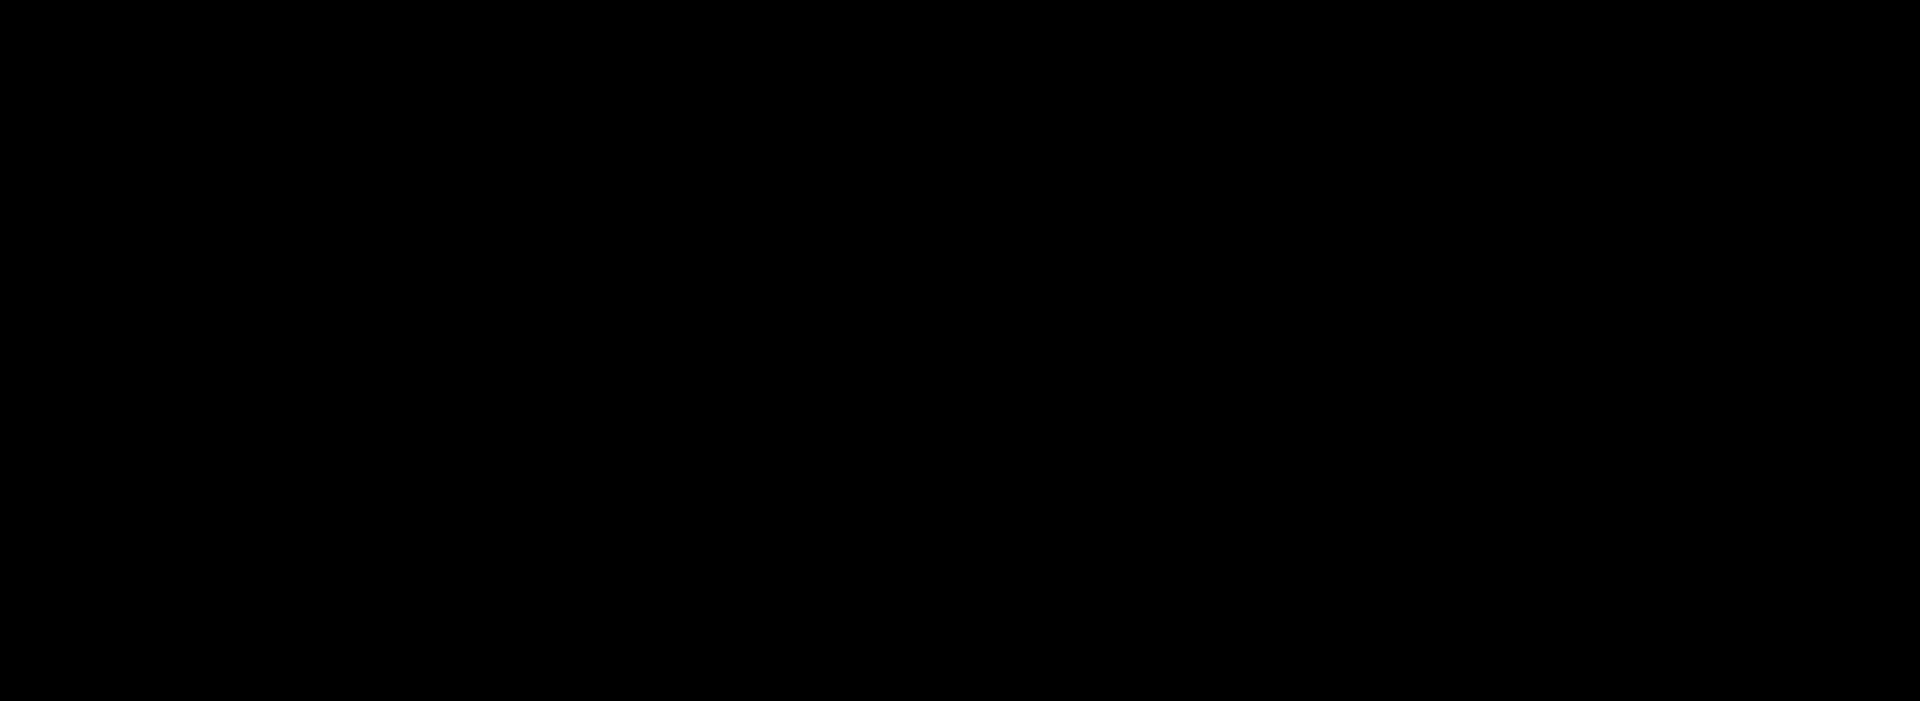 ثيوفلافين Thioflavine نوع تي